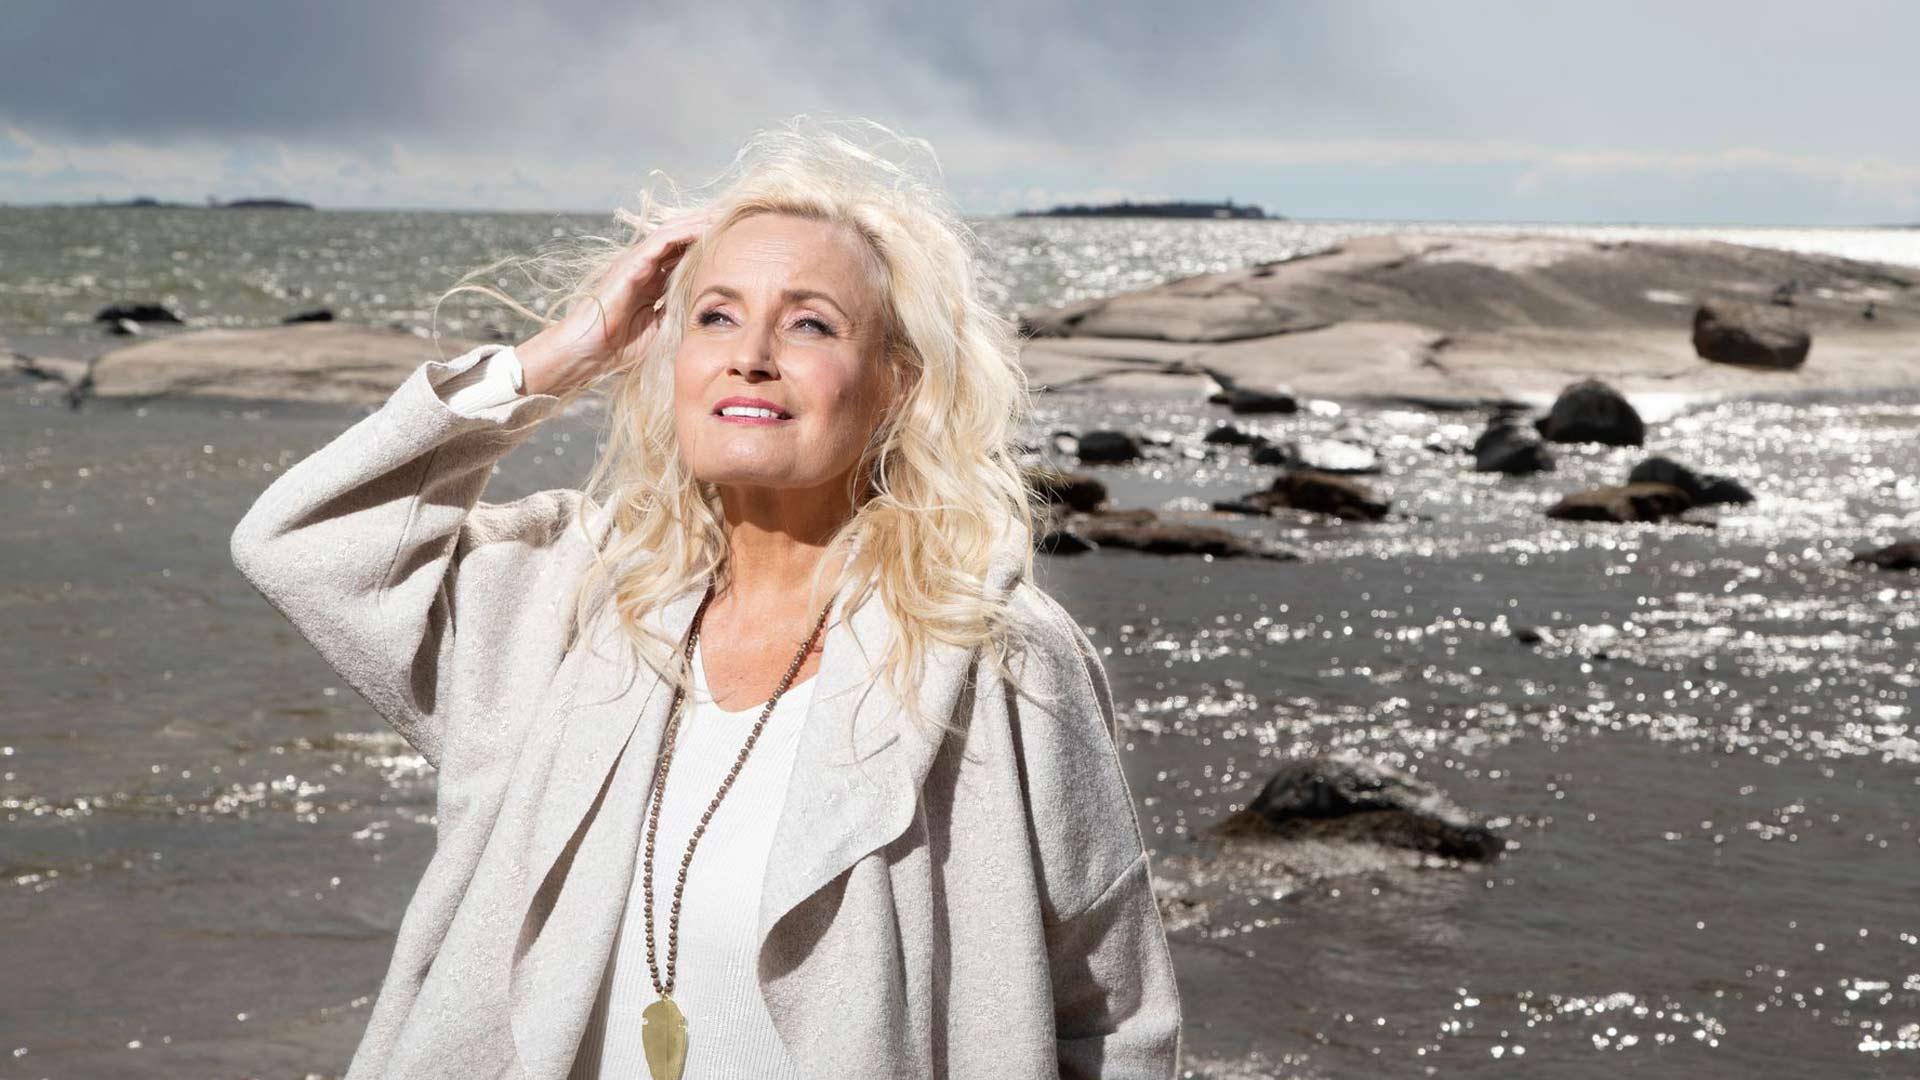 """Sonja Lummen perhe ei kaihtanut merta Stefanin katoamisen jälkeen. """"Kävin isän kanssa kalastamassa ja nostamassa verkkoja kovallakin tuulella. Äidistäkään ei tullut ylisuojelevaista, mutta hän joutui varmasti taistelemaan siitä itsensä kanssa."""" Kuva: Pekka Nieminen/Otavamedia"""